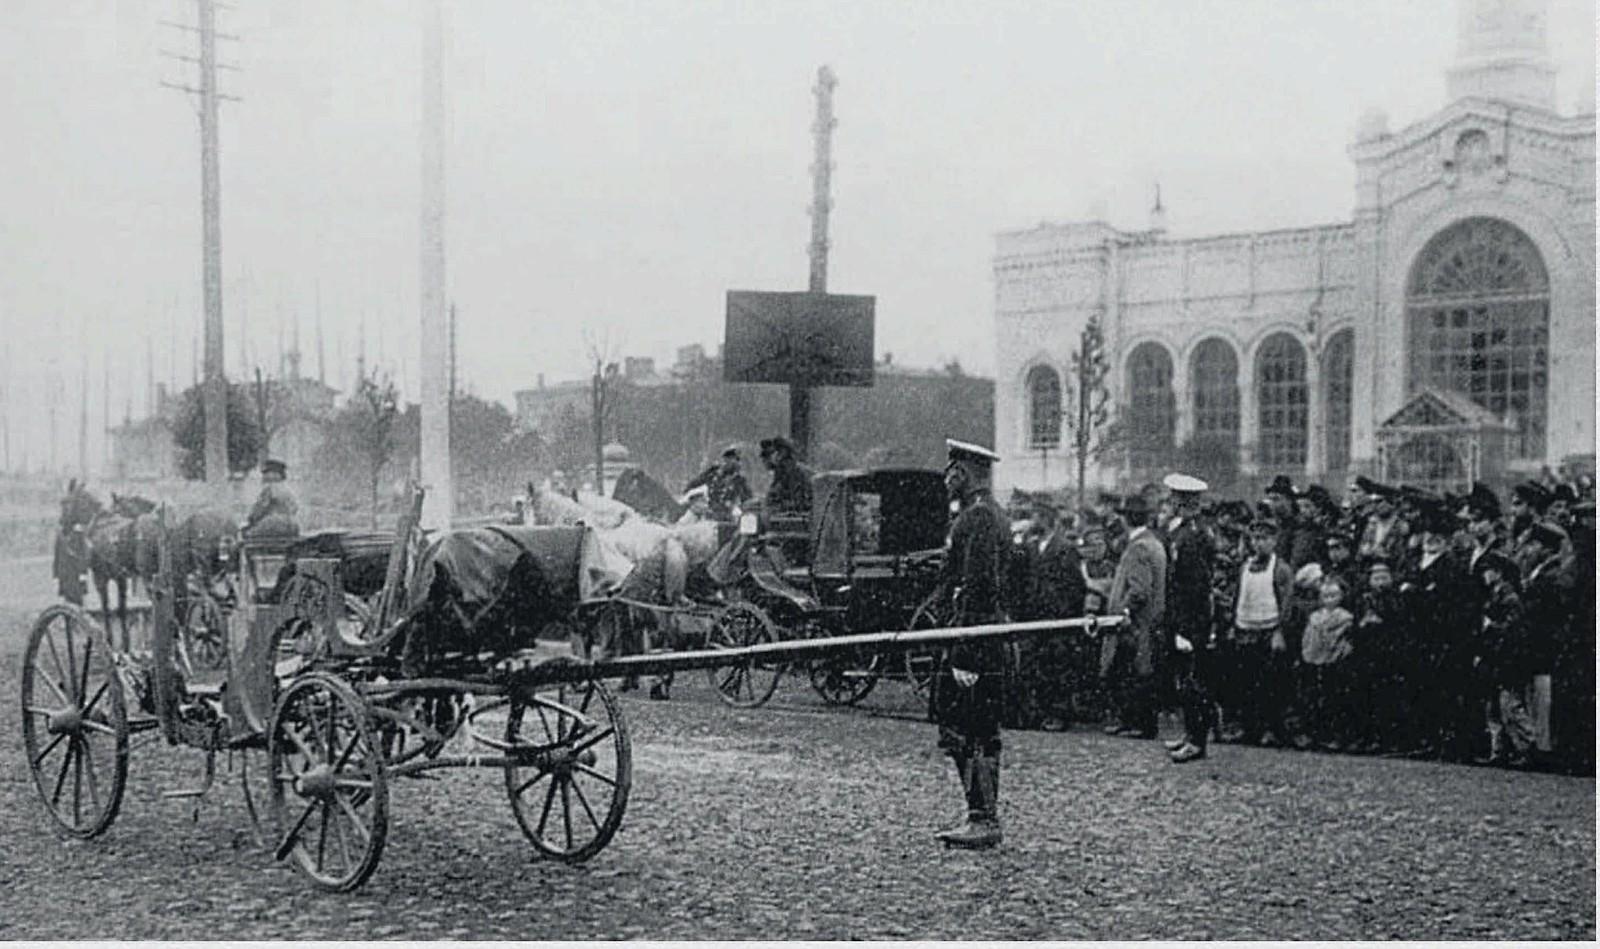 1904. Место взрыва у Варшавского вокзала и остаток кареты убитого министра внутренних дел В.К.Плеве. 15 июля